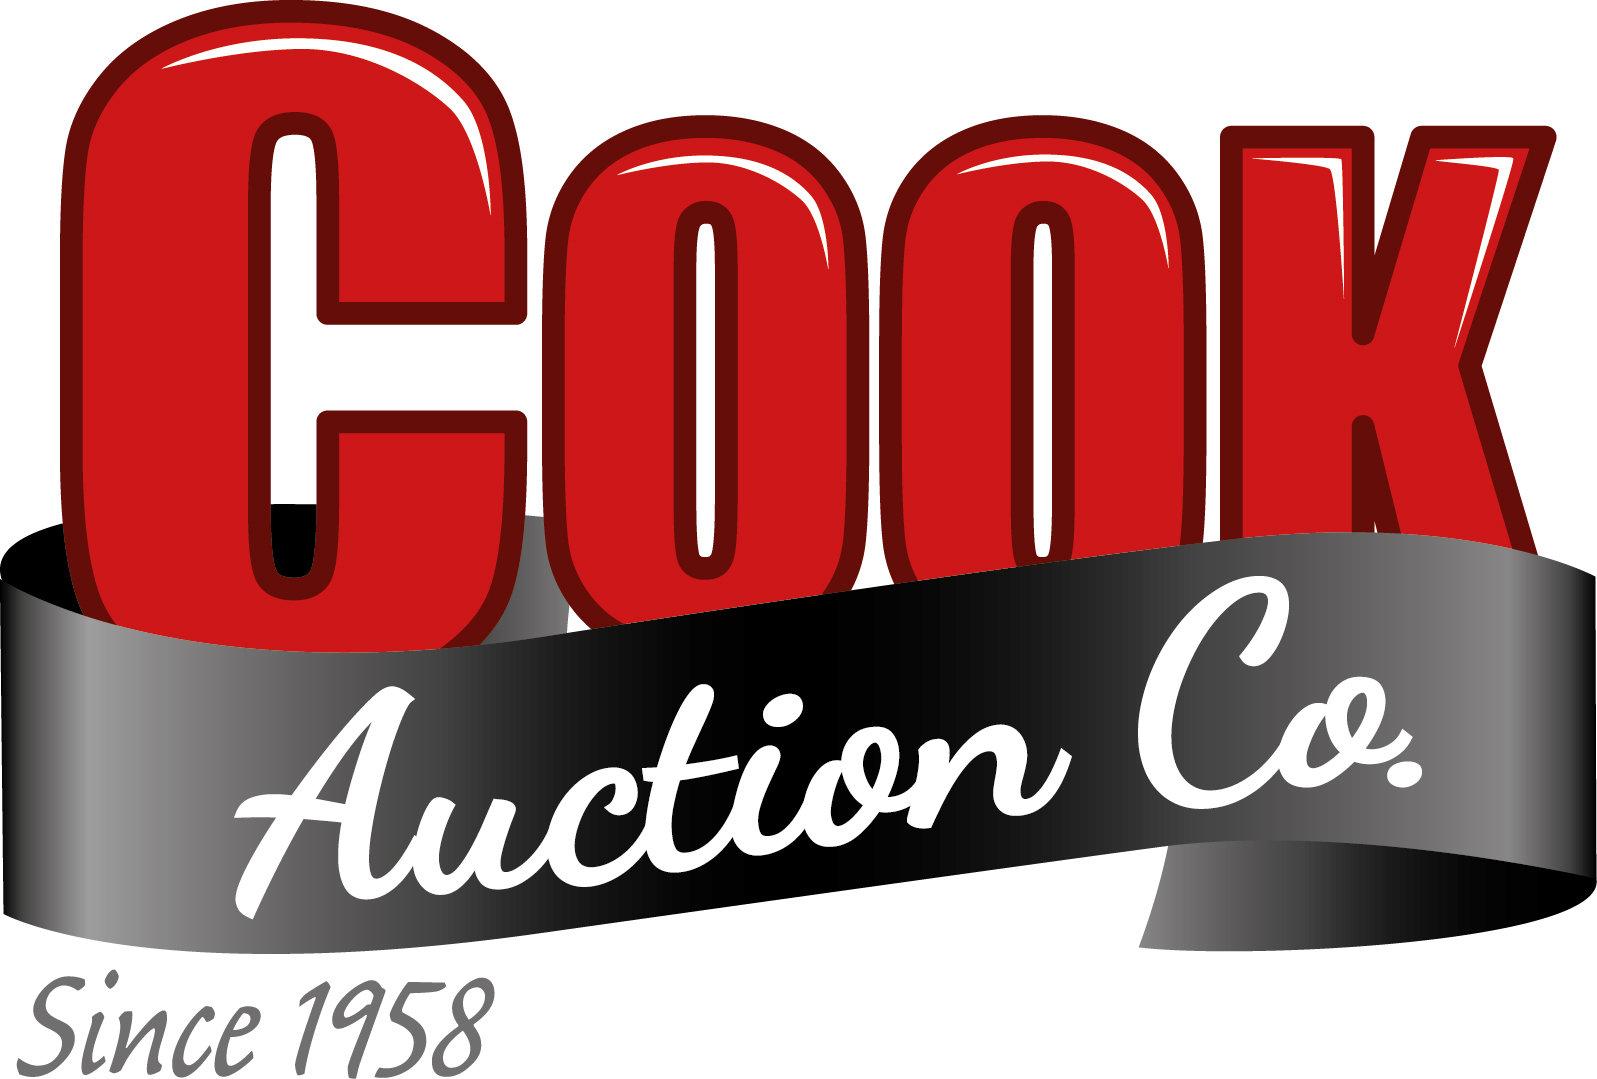 Cook Auction Co., Inc